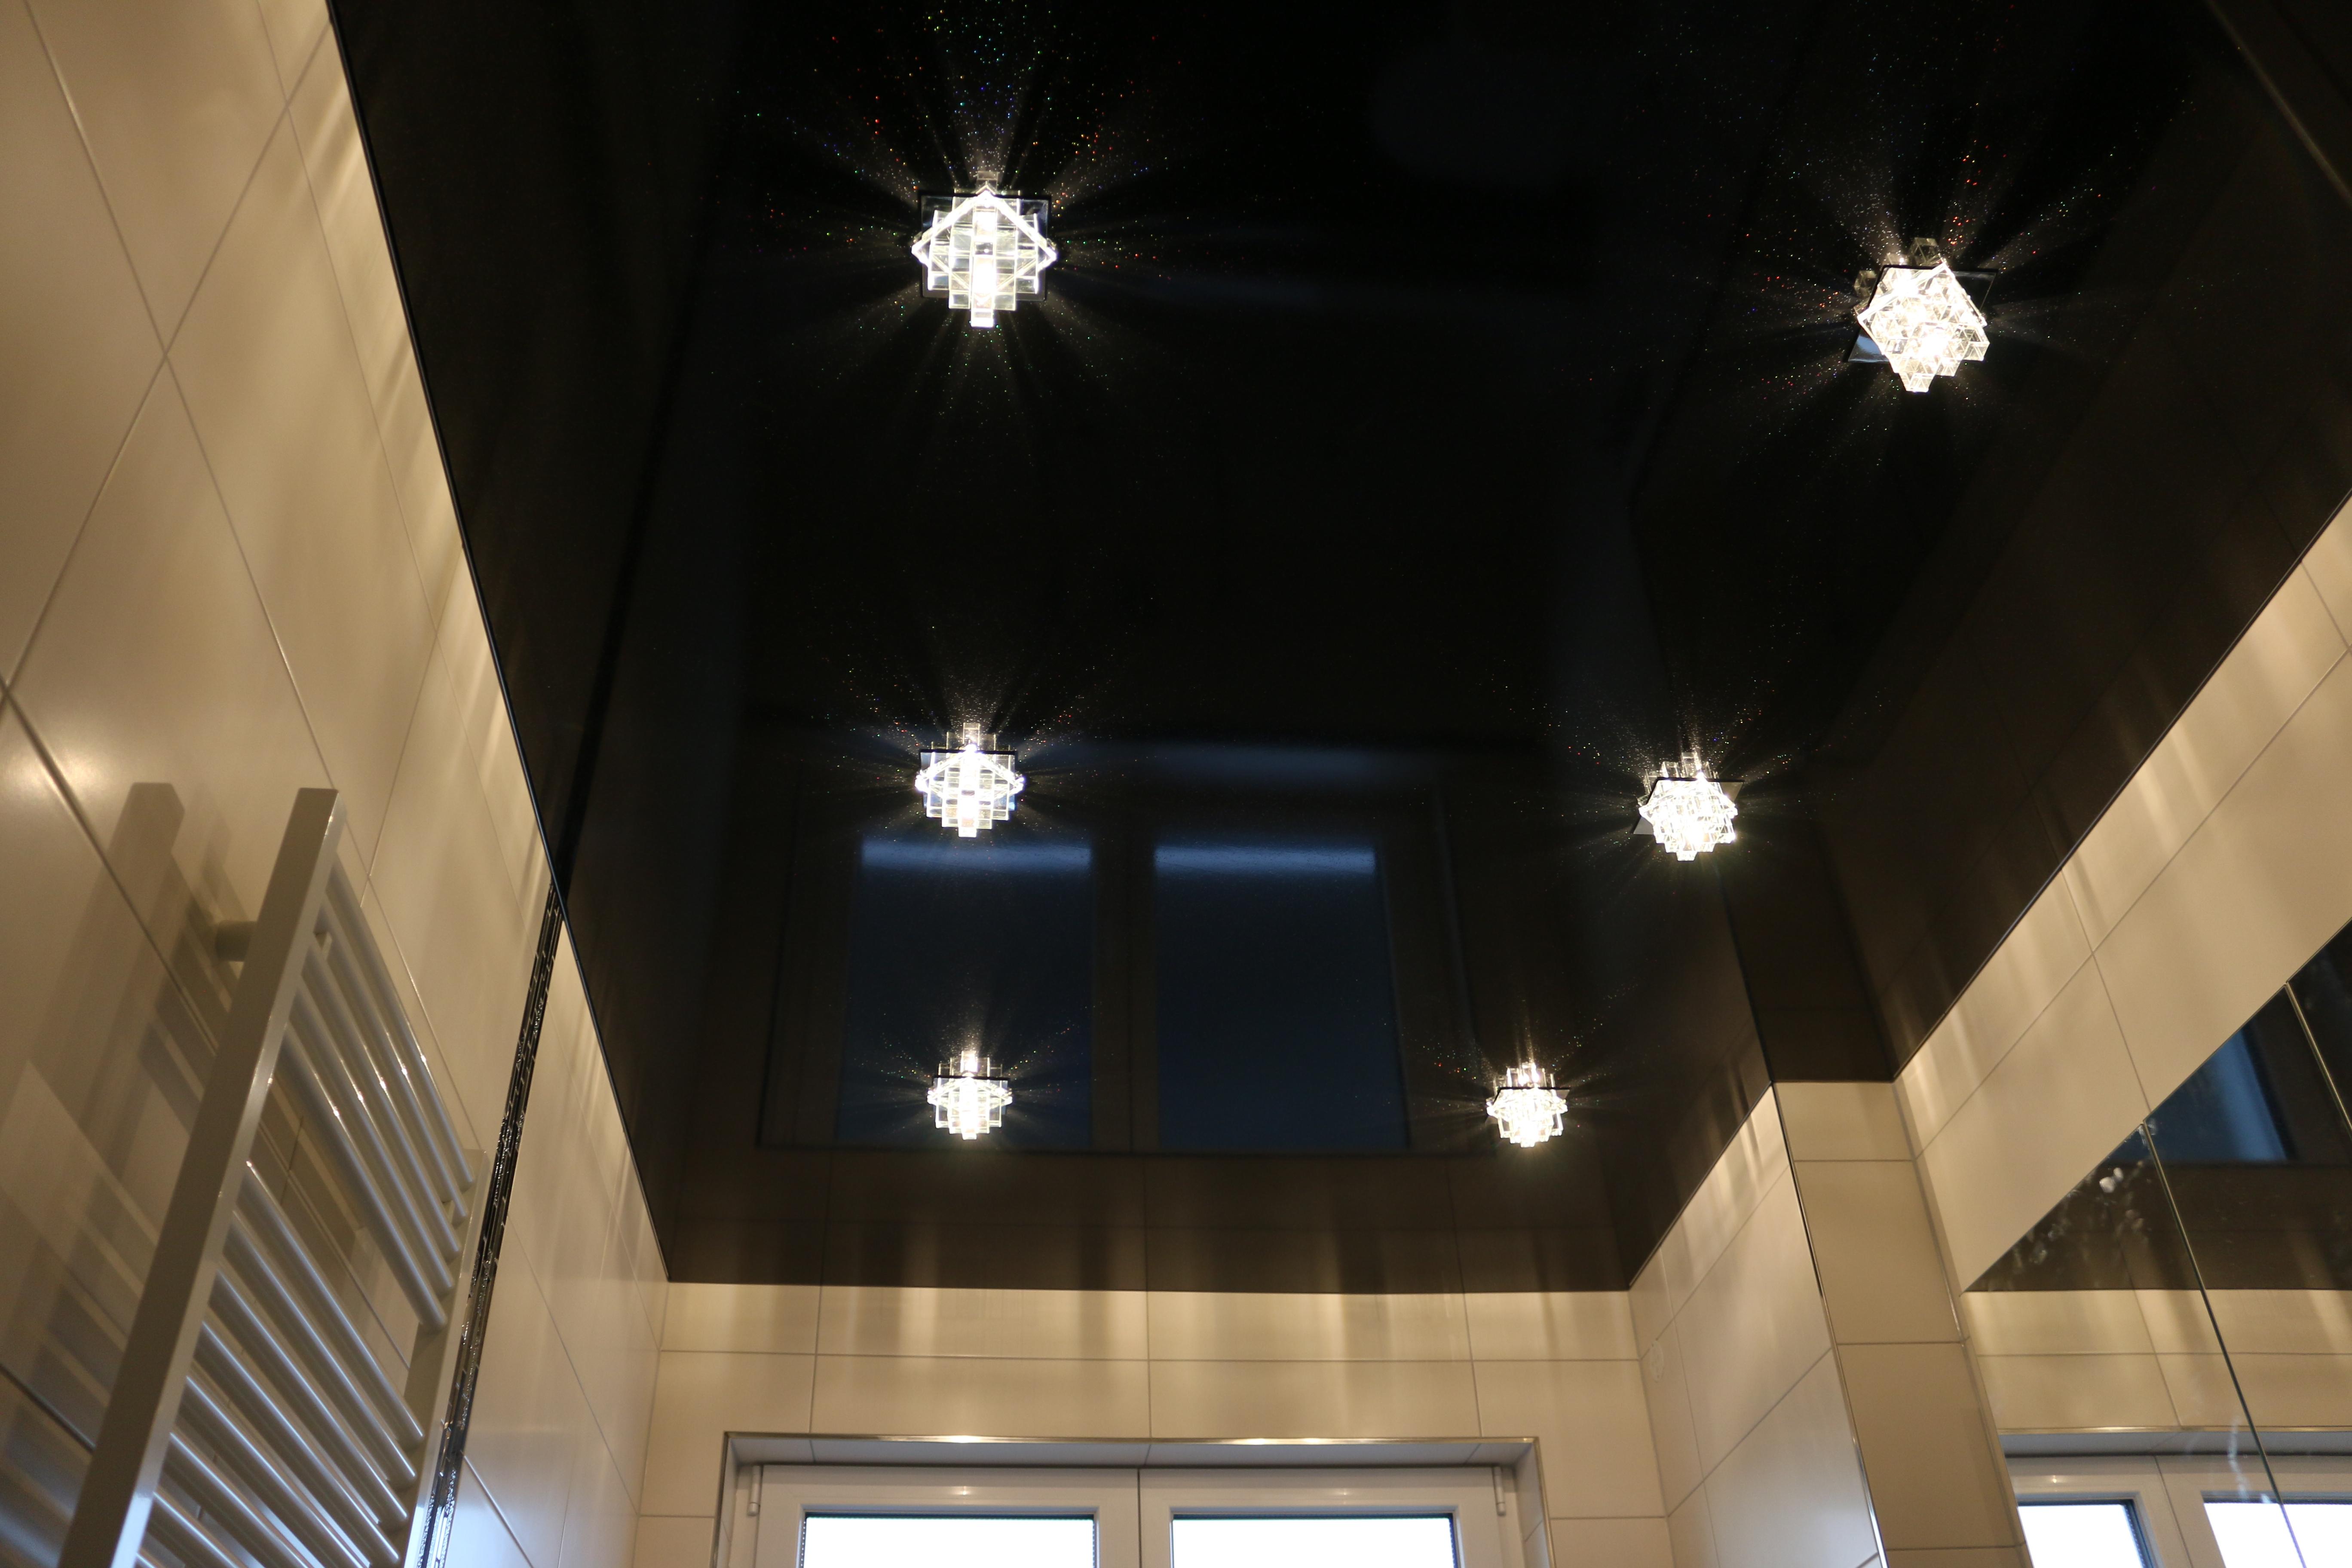 spanndecken bechtold spanndecke schwarze glitzernde sterne decke. Black Bedroom Furniture Sets. Home Design Ideas